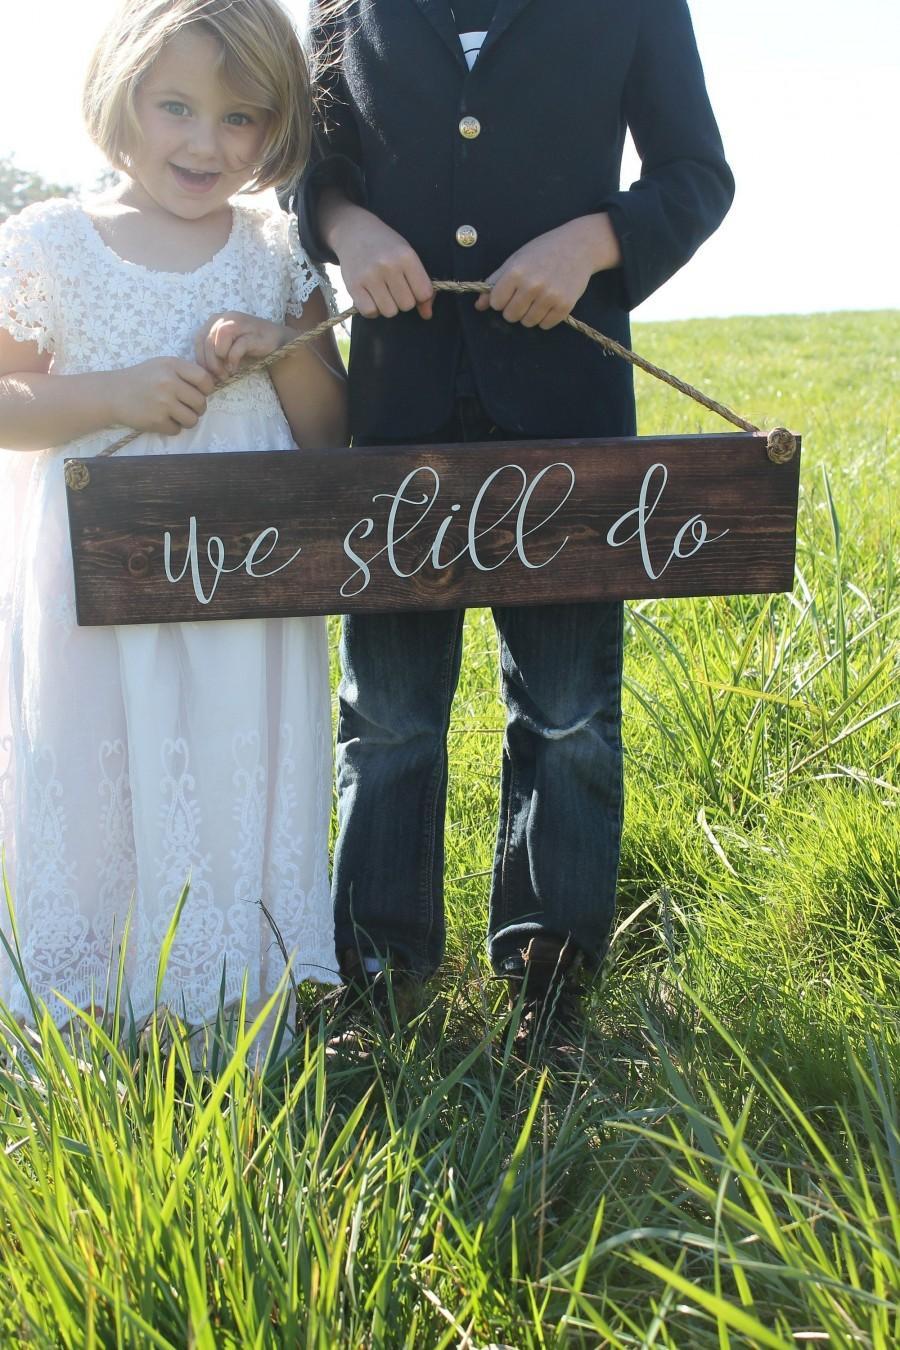 Hochzeit - Anniversary Gift, We still do Wood Sign, Wedding Vow Renewal